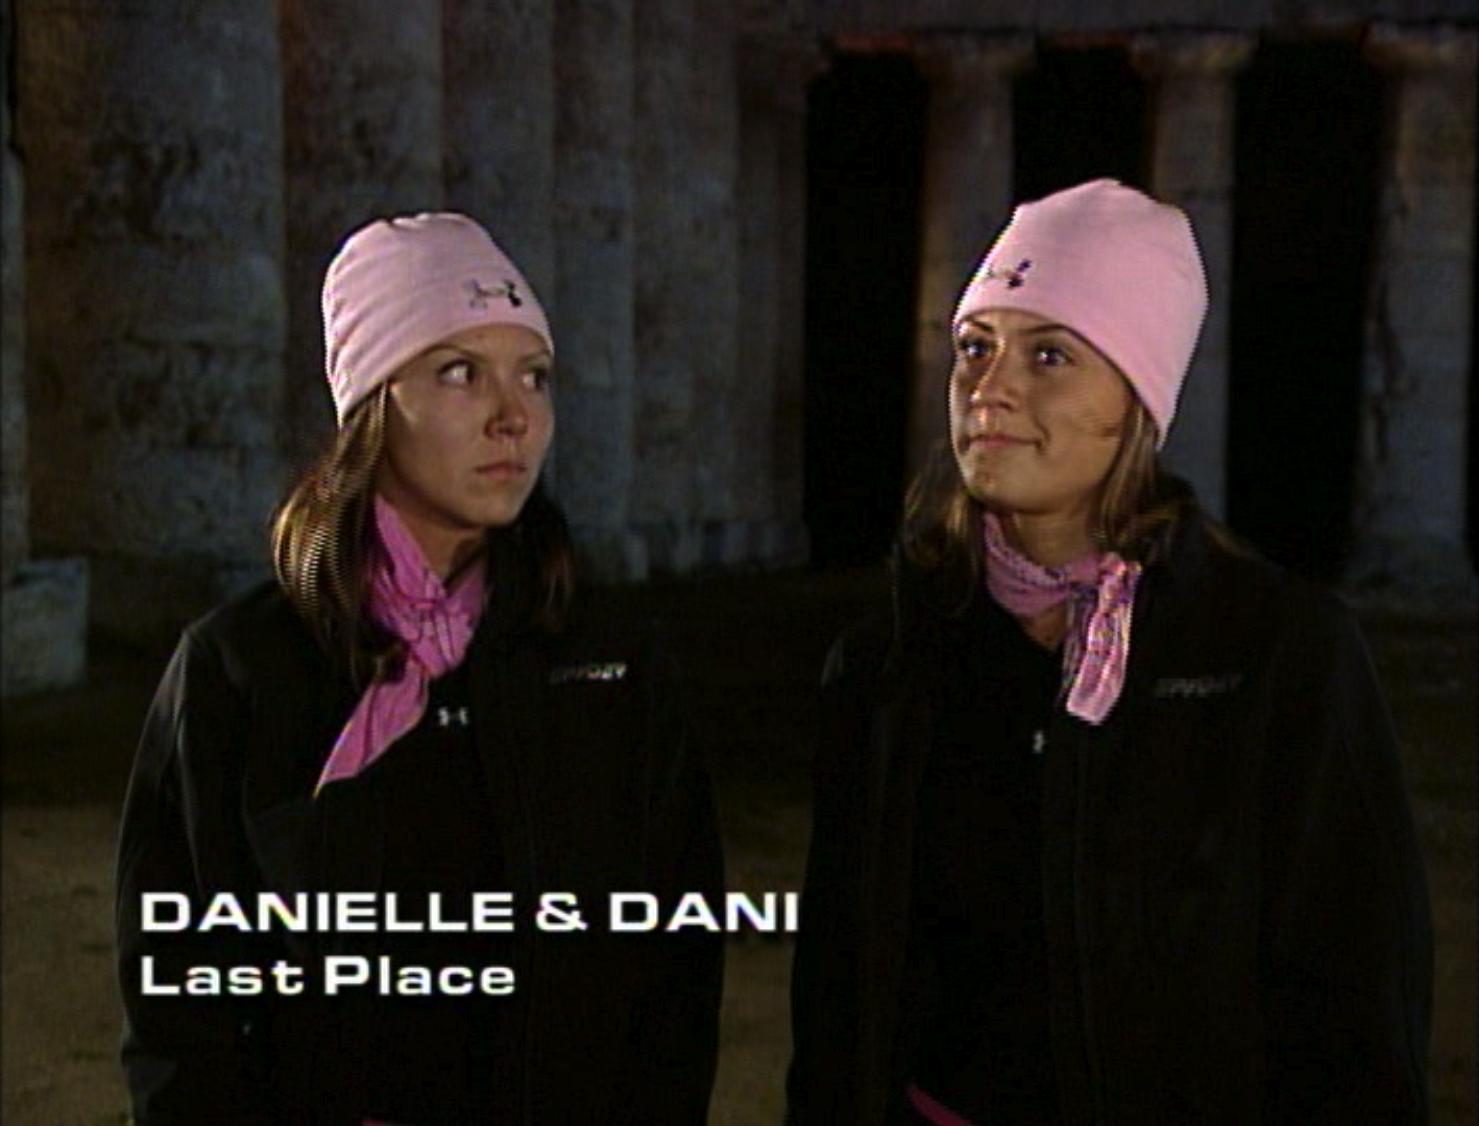 Danielle & Dani/Gallery